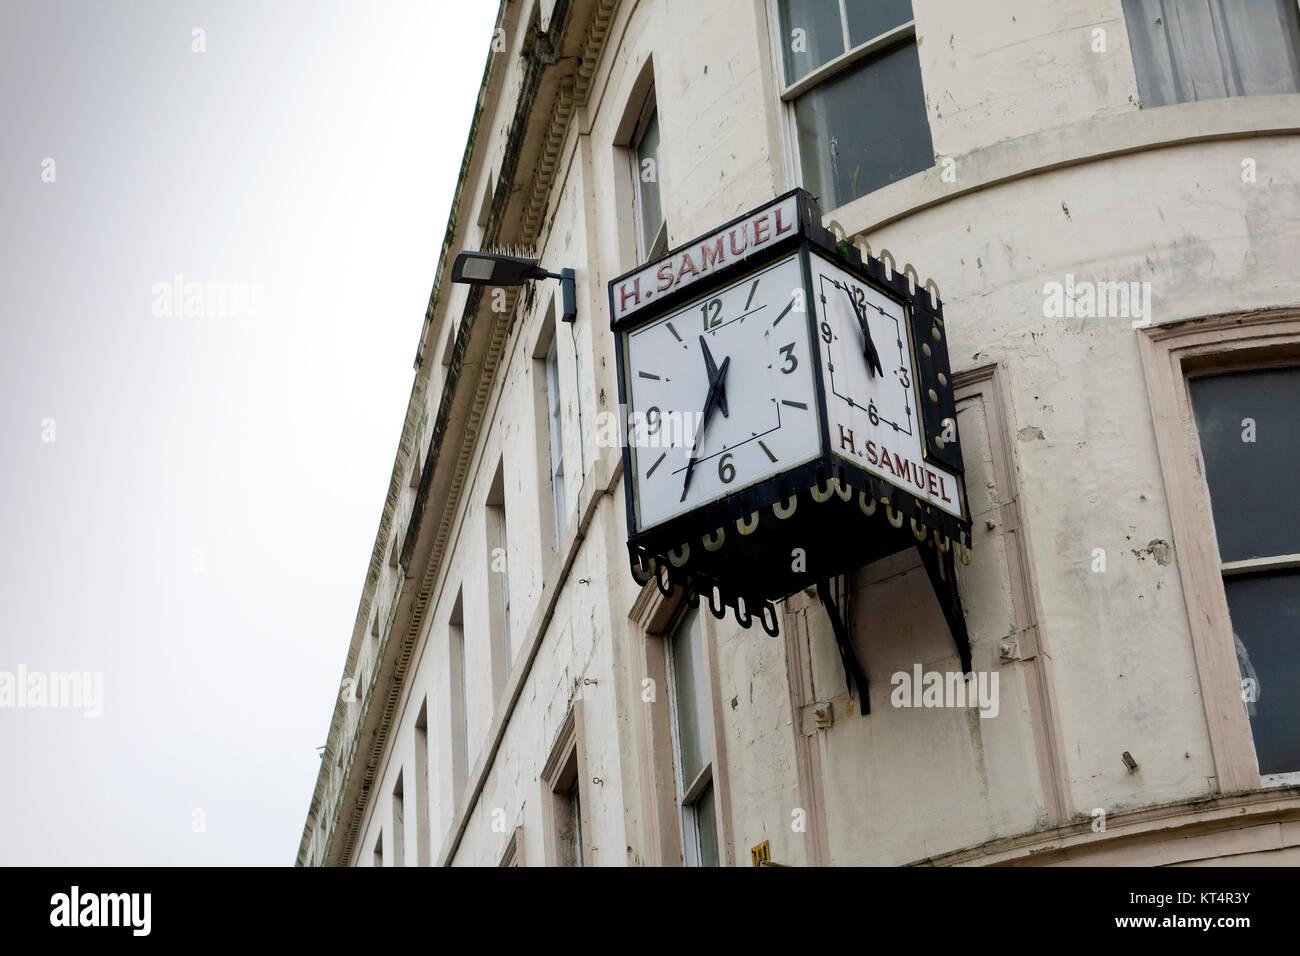 H. Samuel Clock, Dundee, Scotland - Stock Image